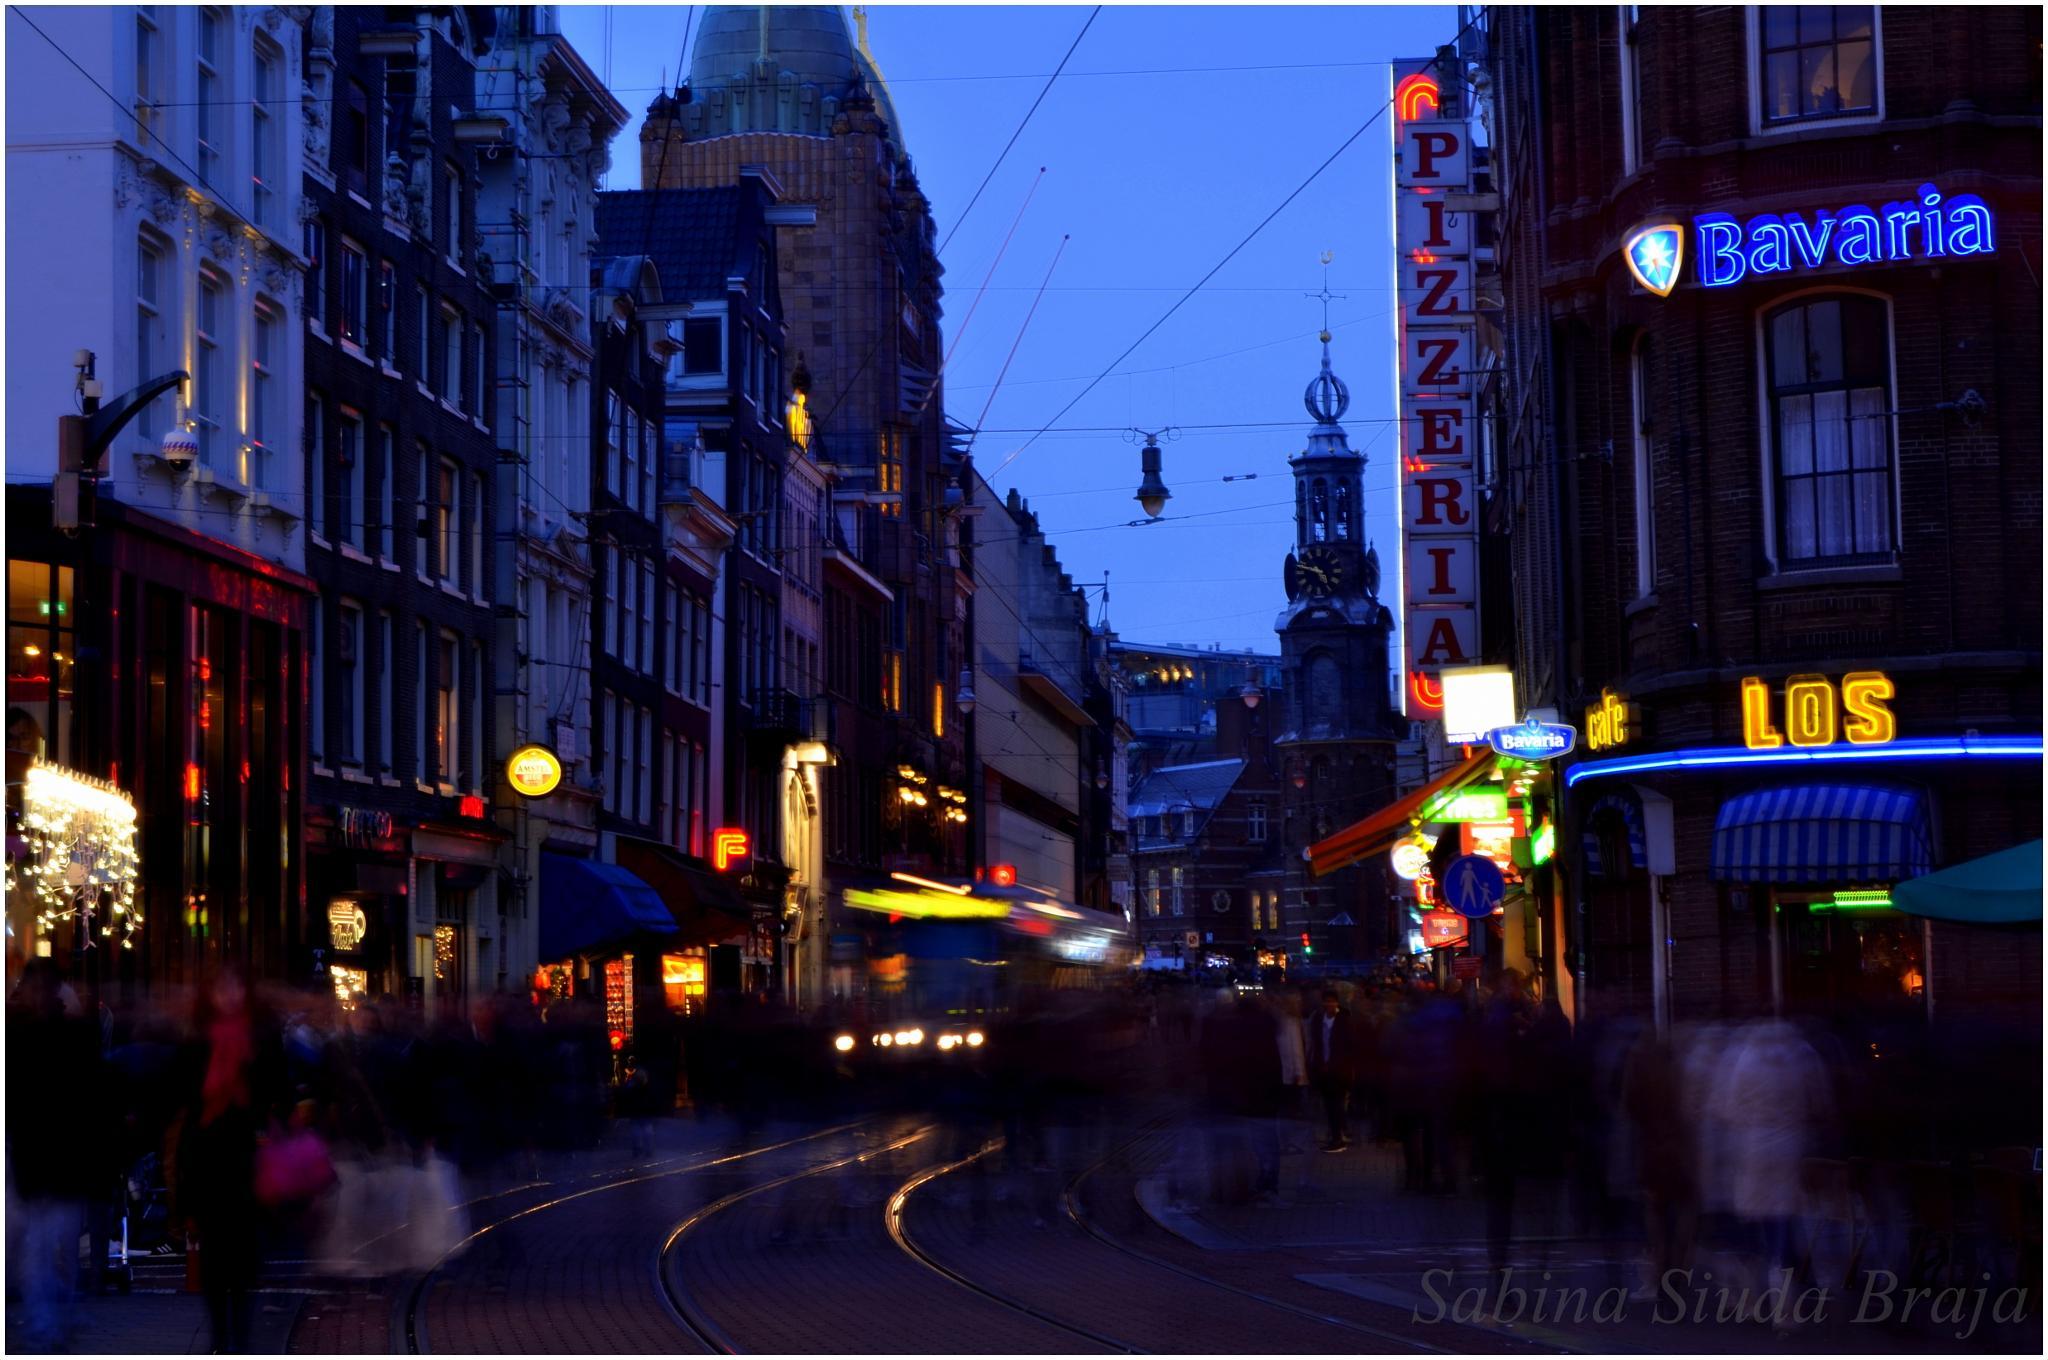 Ghost town ... by sabina.braja